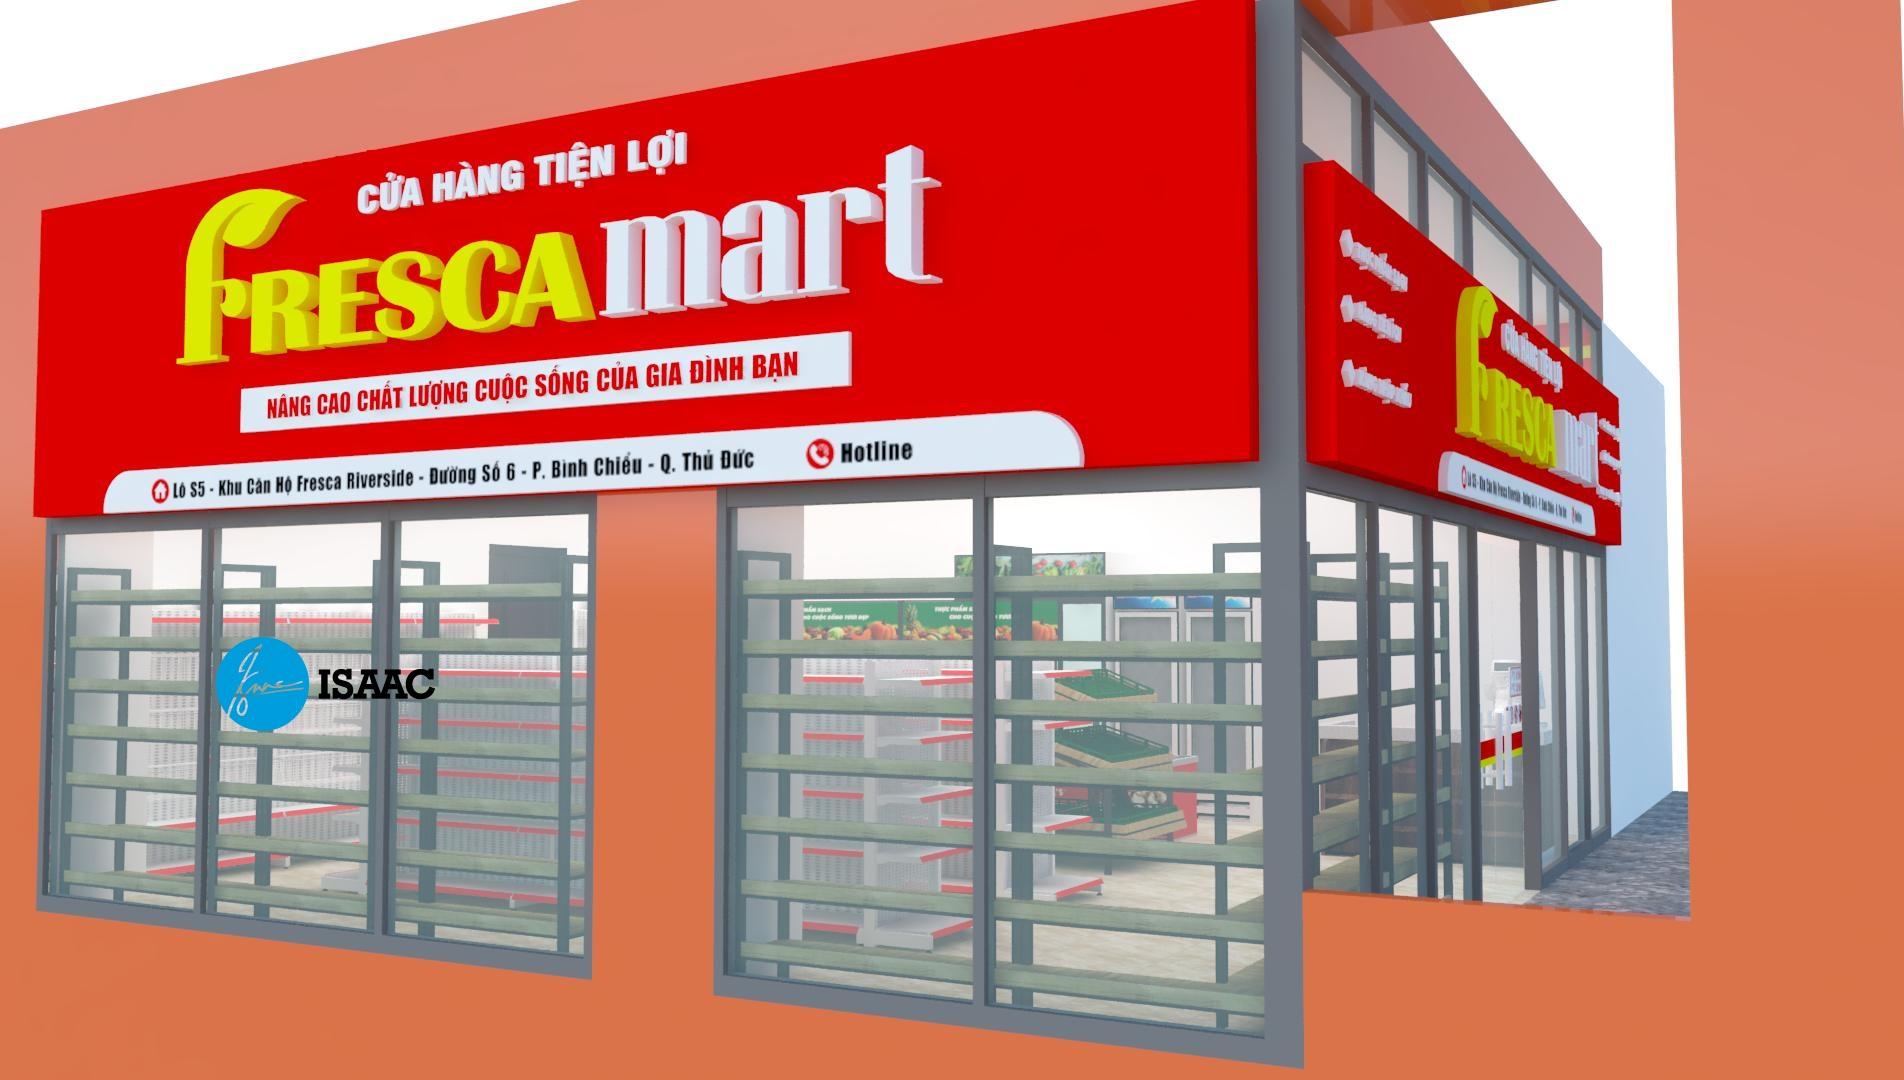 Thiết kế siêu thị tại TPHCM